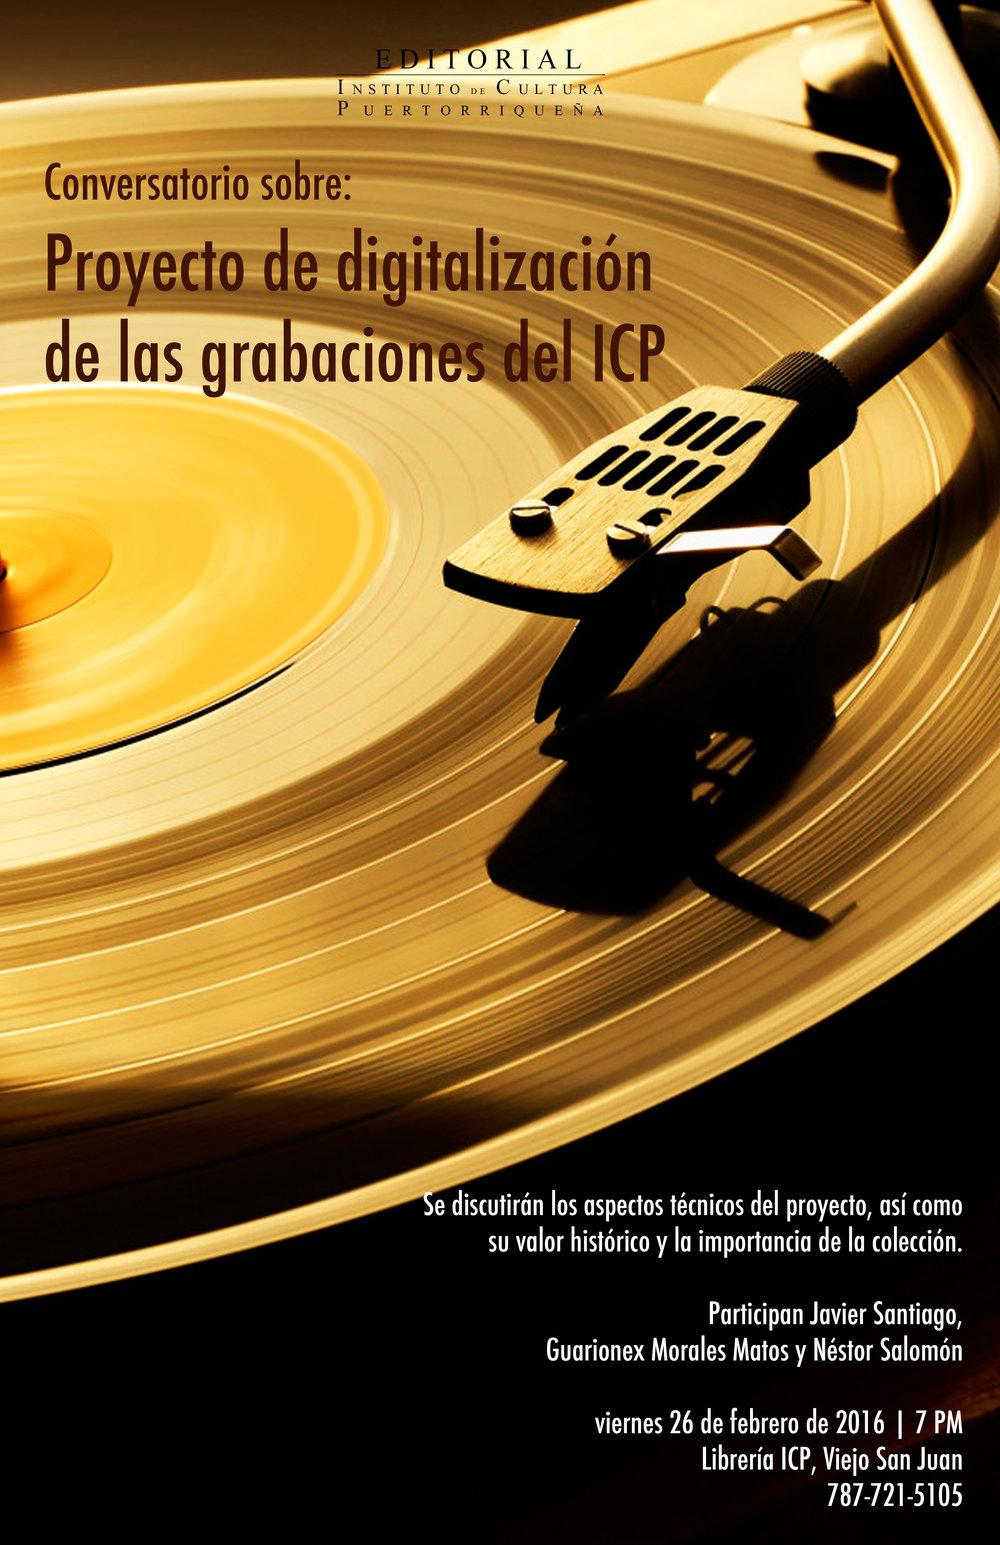 Afiche promocional sobre el conversatorio pasado presentando el proyecto de digitalización de la Colección de Grabaciones.